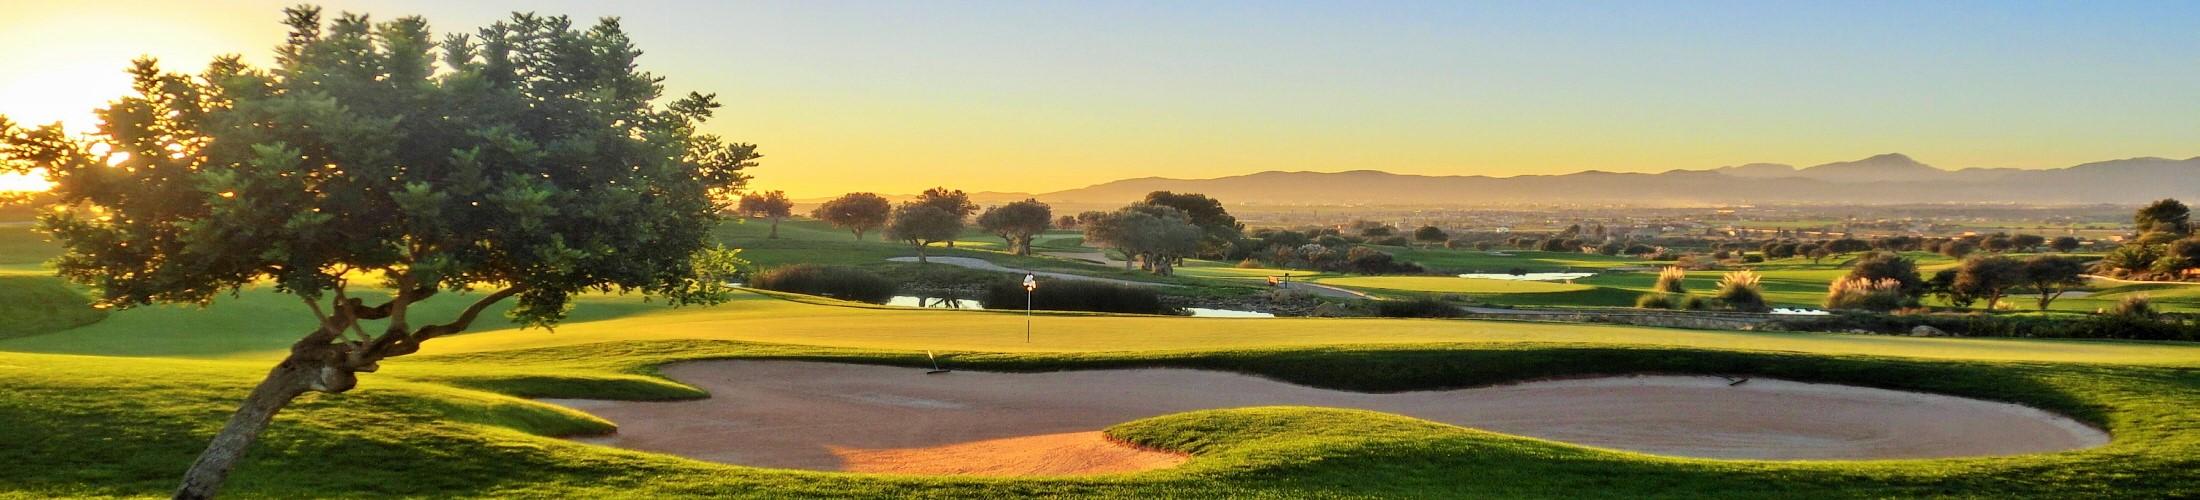 Golf Son Gual Mallorca.